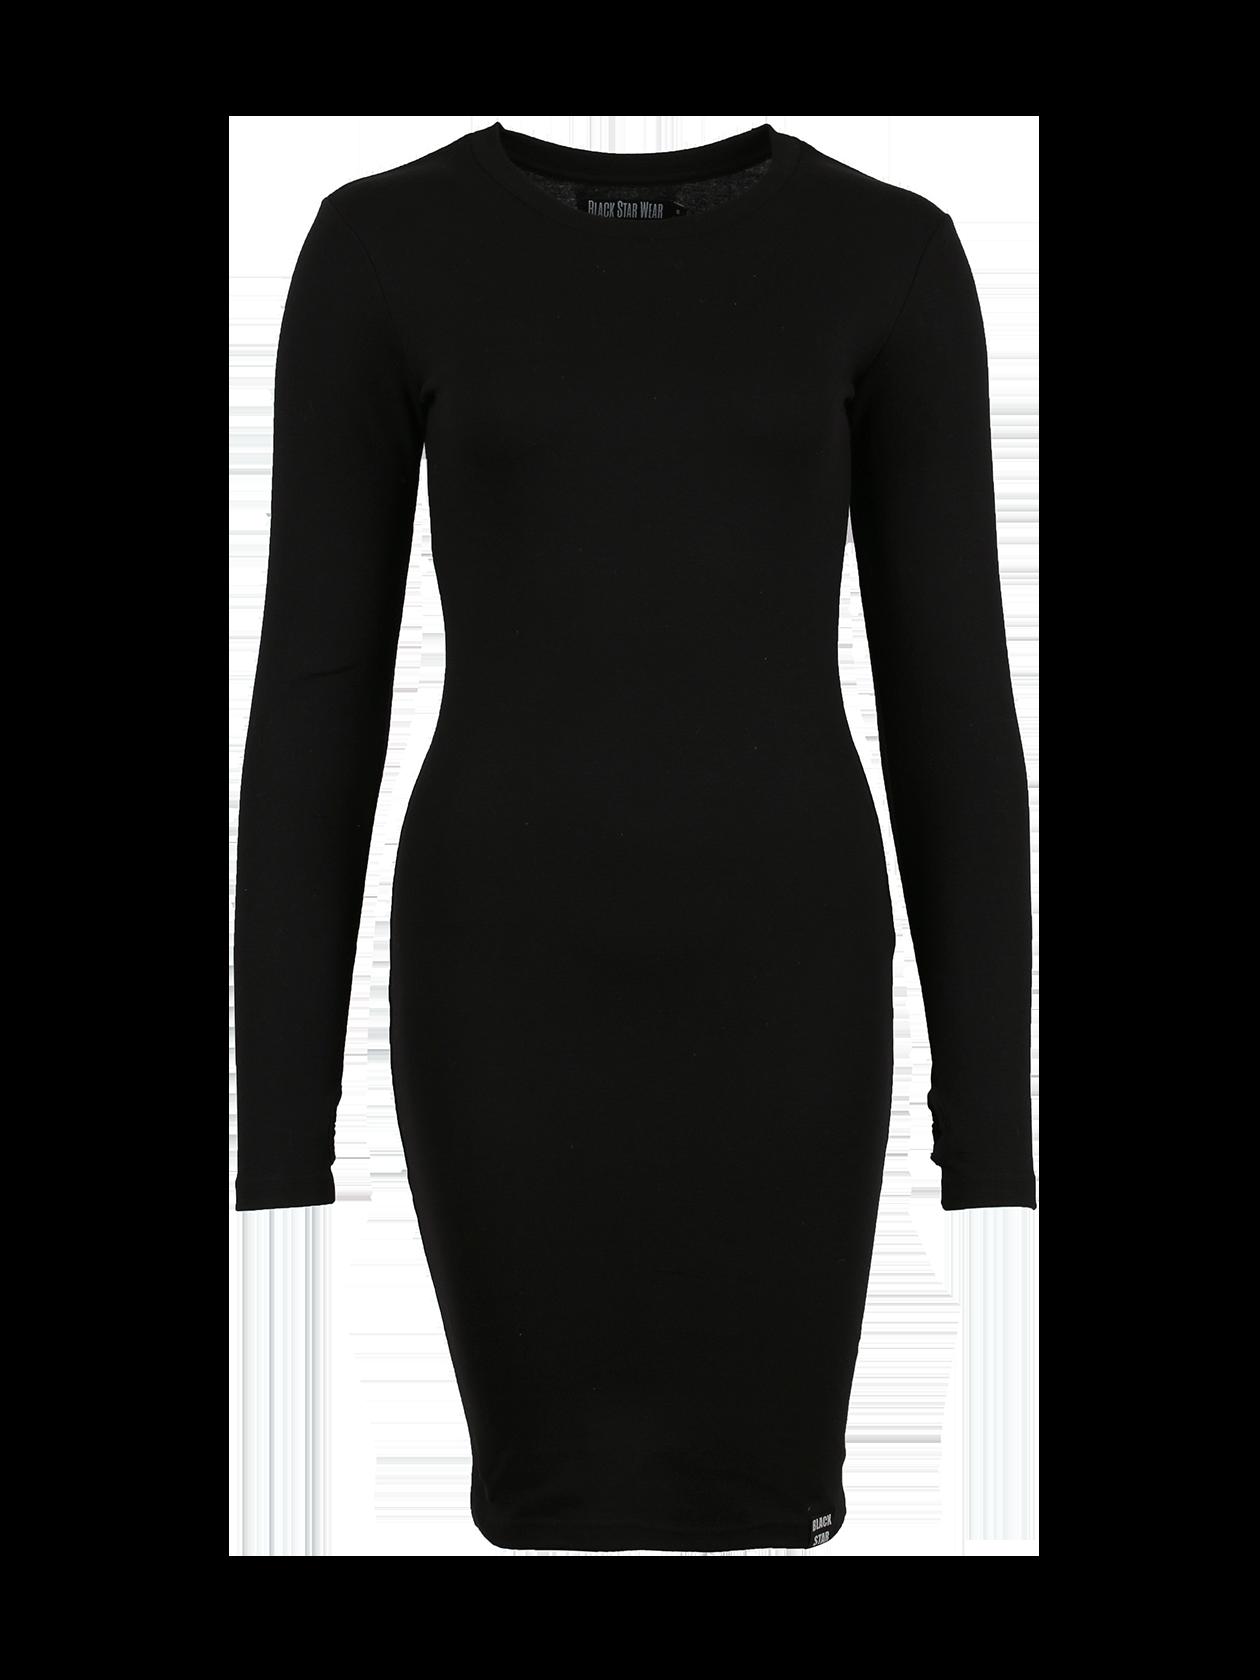 Платье женское SKINNY RIBЧерное платье женское Skinny Rib из новой линии одежды Basic по специальной цене – стильный вариант для создания повседневного образа. Модель облегающего силуэта длиной до колена. Округлая неглубокая горловина с жаккардовым лейблом Black Star Wear на внутренней стороне, длинный рукав с выемкой для большого пальца. Материал изготовления – бленд высококачественного хлопка. Внизу сбоку нашивка с логотипом. Идеально подходит для работы, отдыха, встреч с друзьями.<br><br>Размер: S<br>Цвет: Черный<br>Пол: Унисекс